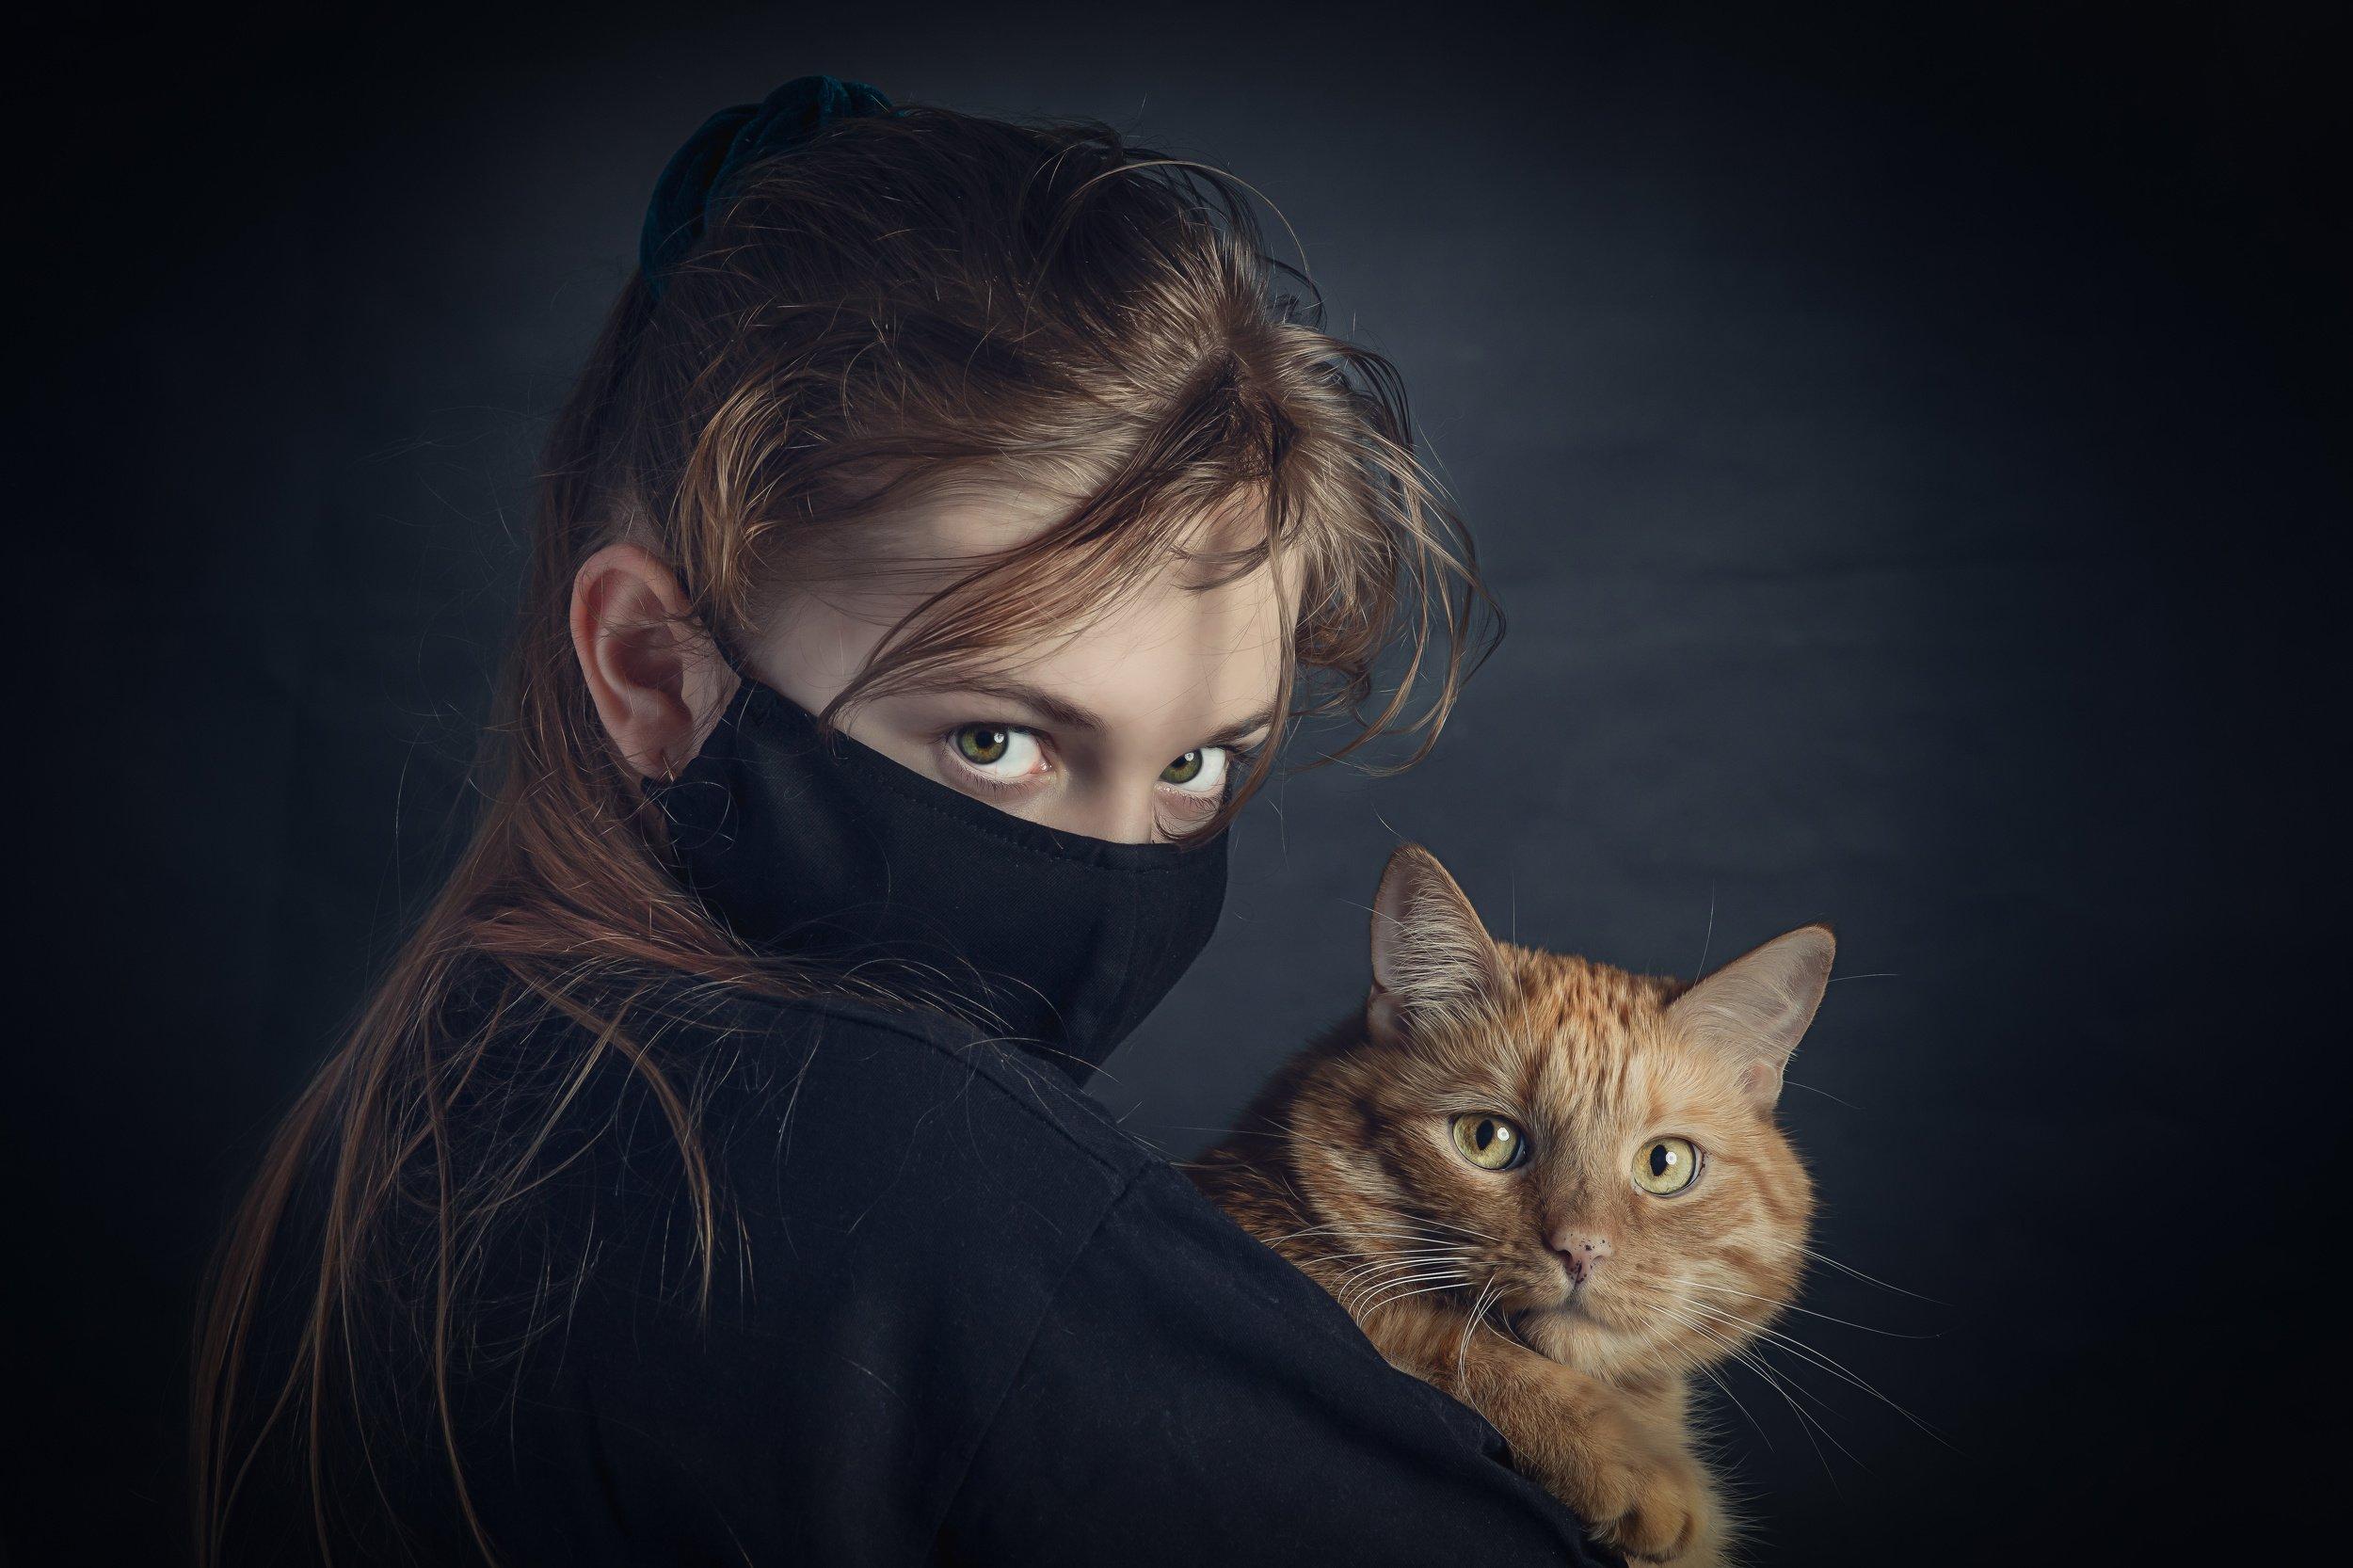 кот, кошка, девочка, маска, глаза, Сизиков Николай